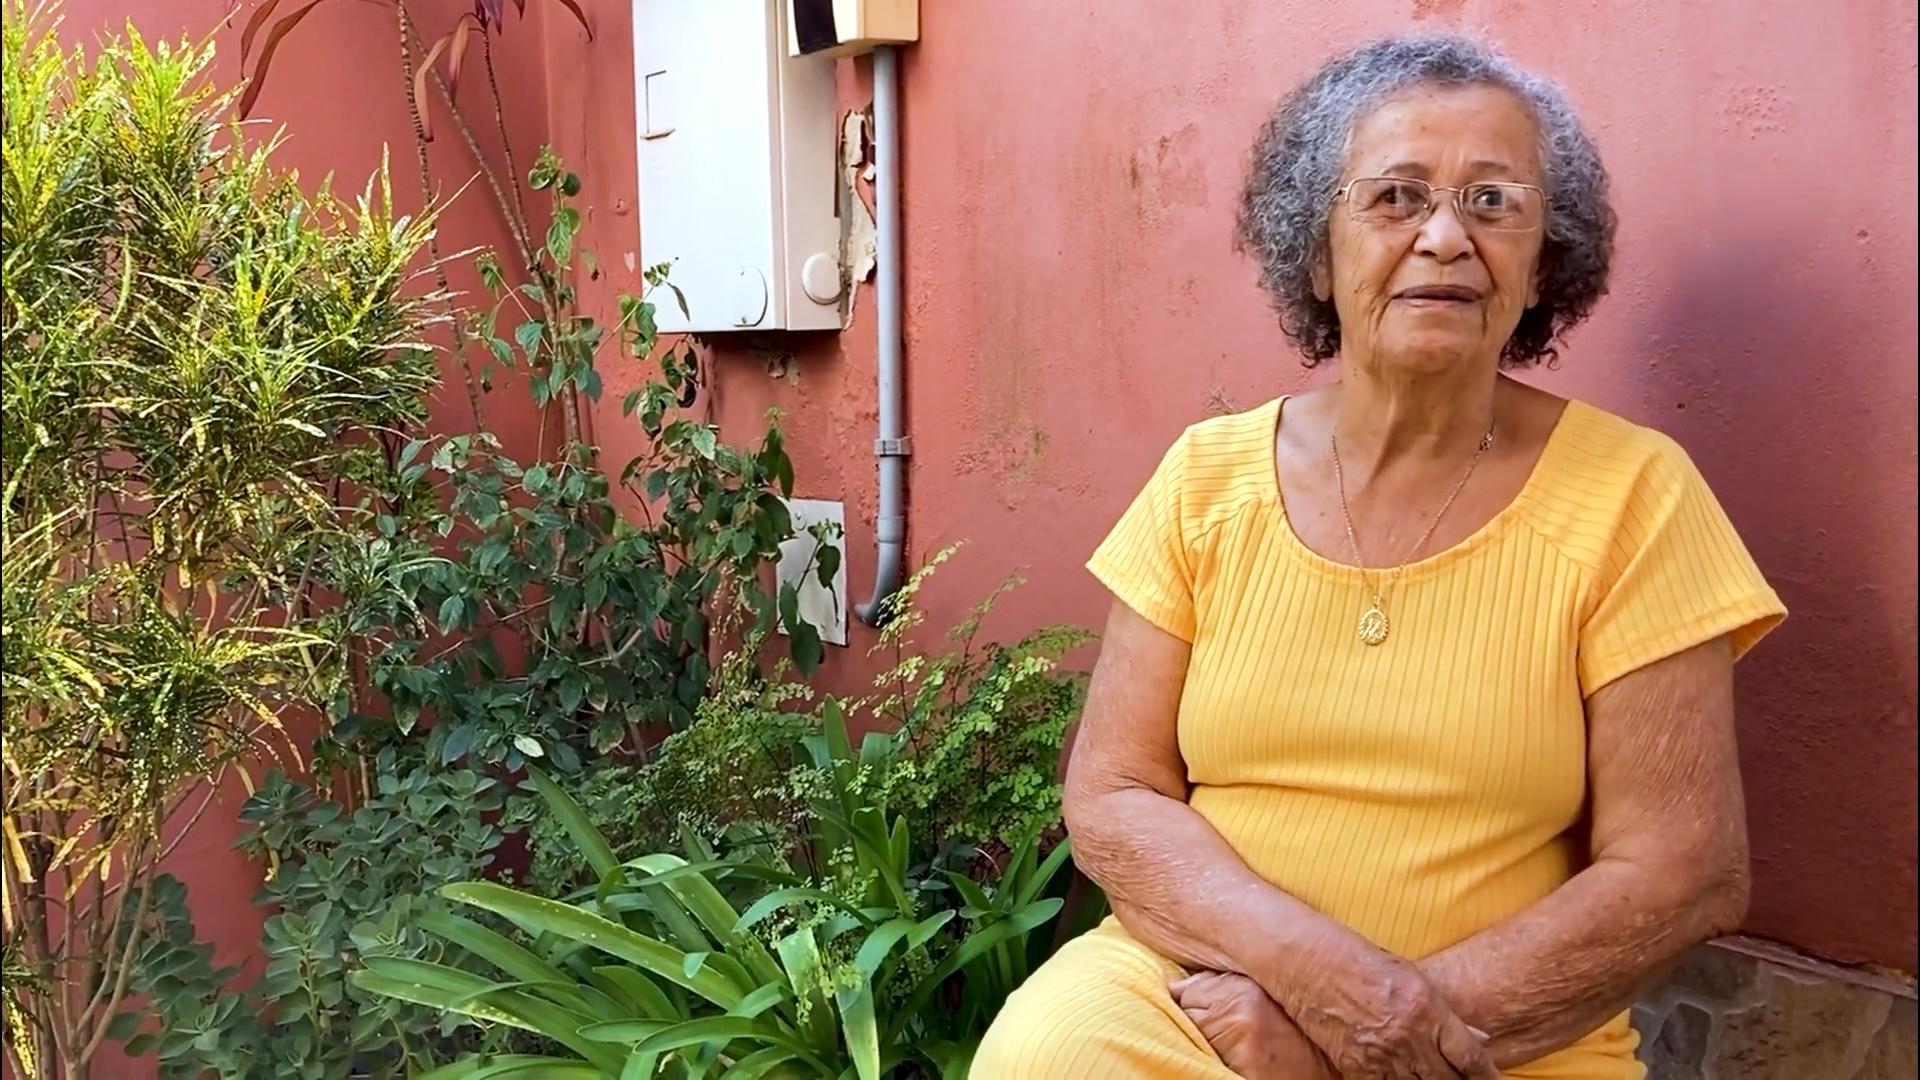 Sarau da D. Vilma – Vilma Frade